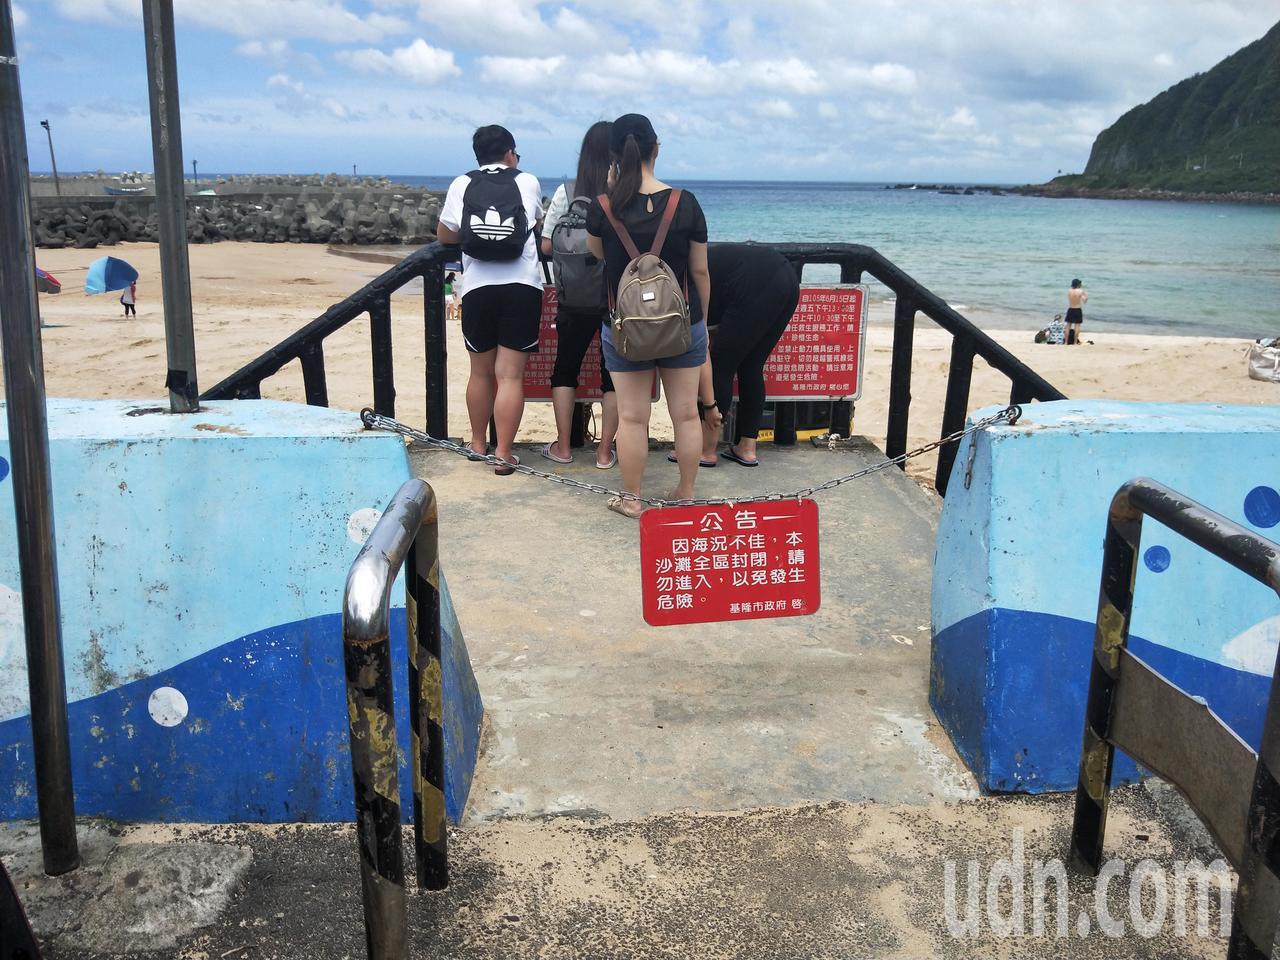 基隆大武崙沙灘颱風過後浪大封閉,遊客昨天仍闖入戲水。 記者游明煌/攝影